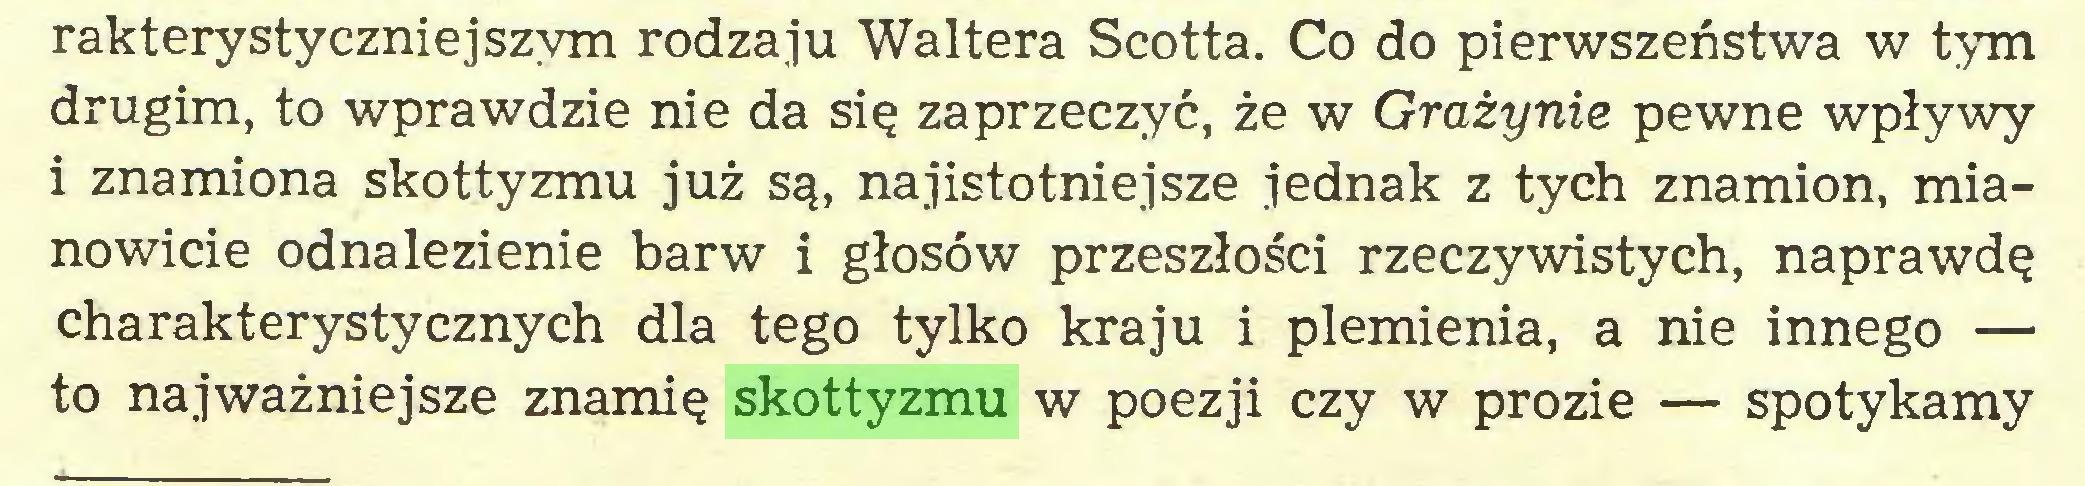 (...) rakterystyczniejszym rodzaju Waltera Scotta. Co do pierwszeństwa w tym drugim, to wprawdzie nie da się zaprzeczyć, że w Grażynie pewne wpływy i znamiona skottyzmu już są, najistotniejsze jednak z tych znamion, mianowicie odnalezienie barw i głosów przeszłości rzeczywistych, naprawdę charakterystycznych dla tego tylko kraju i plemienia, a nie innego — to najważniejsze znamię skottyzmu w poezji czy w prozie — spotykamy...